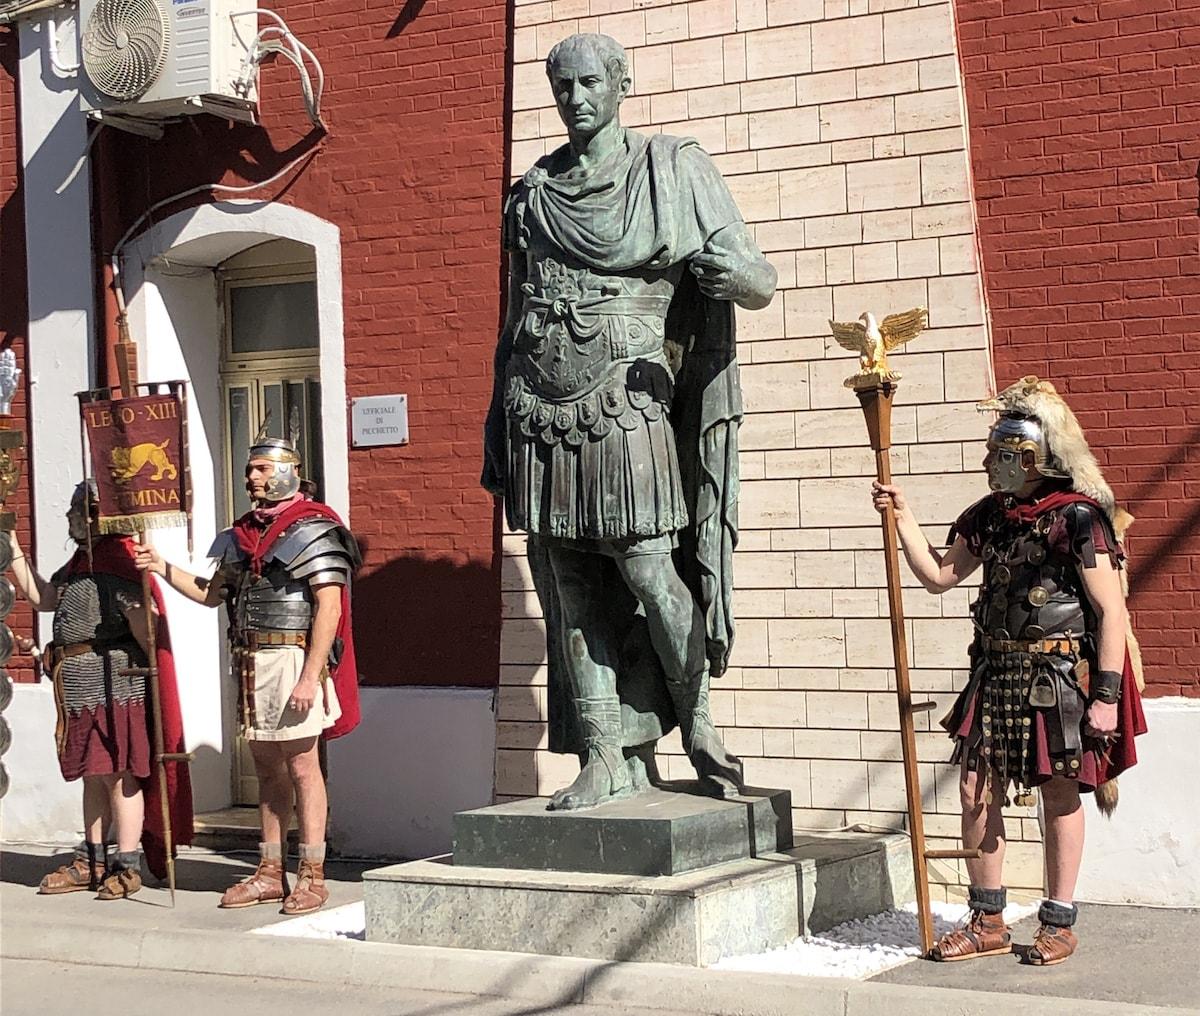 La storia della statua di Cesare, che dopo 74 anni potrebbe tornare in piazza Tre Martiri